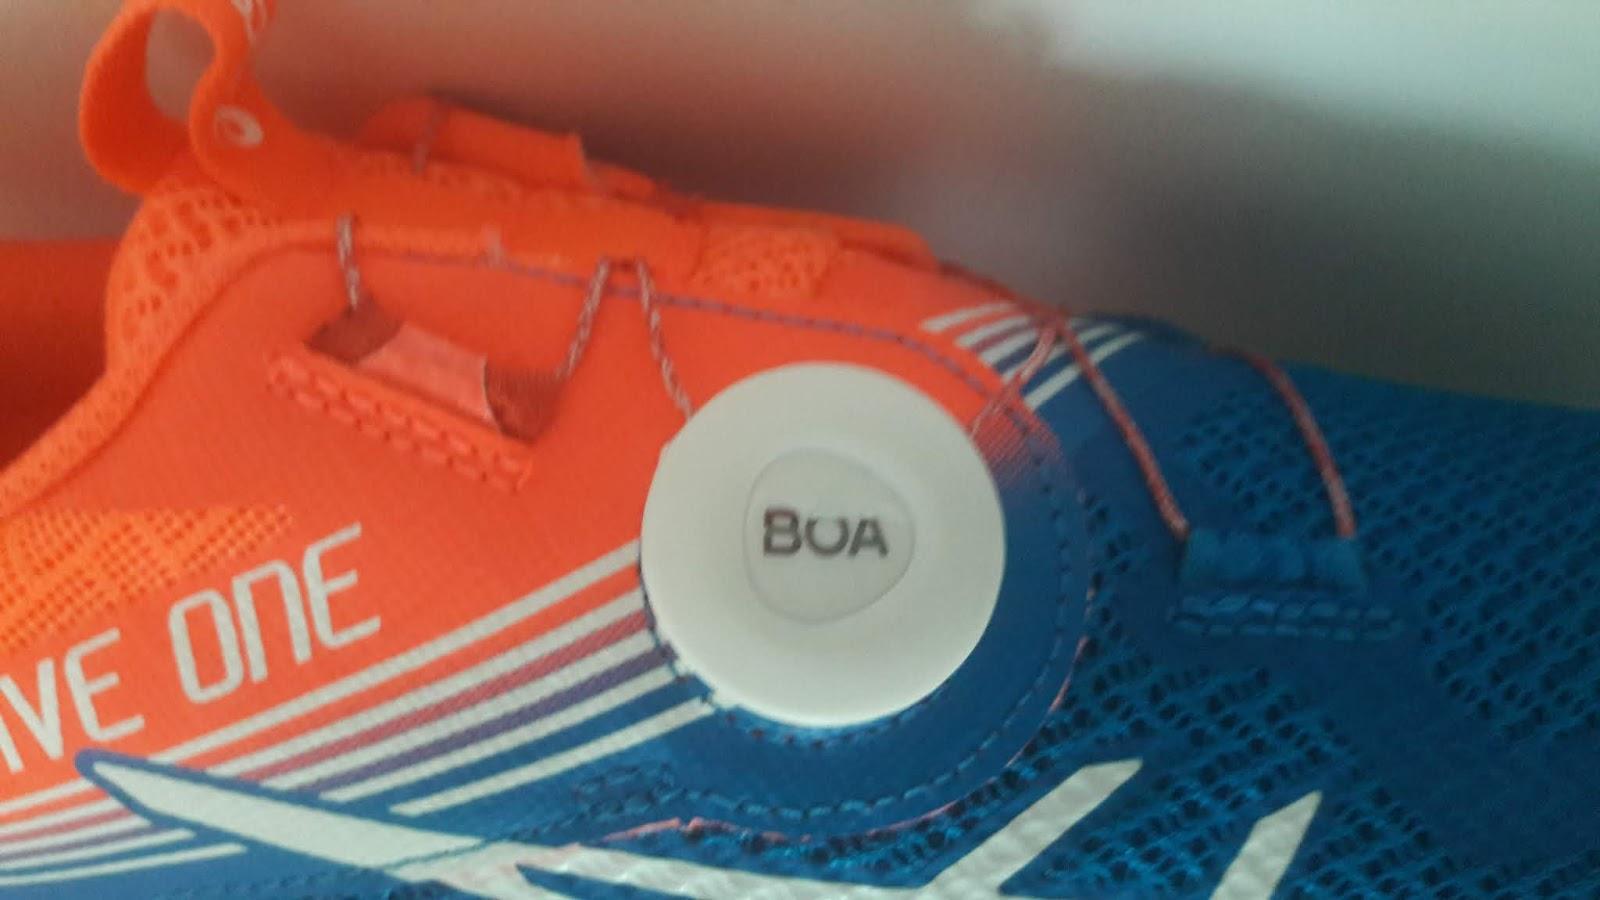 Boa system per i runner